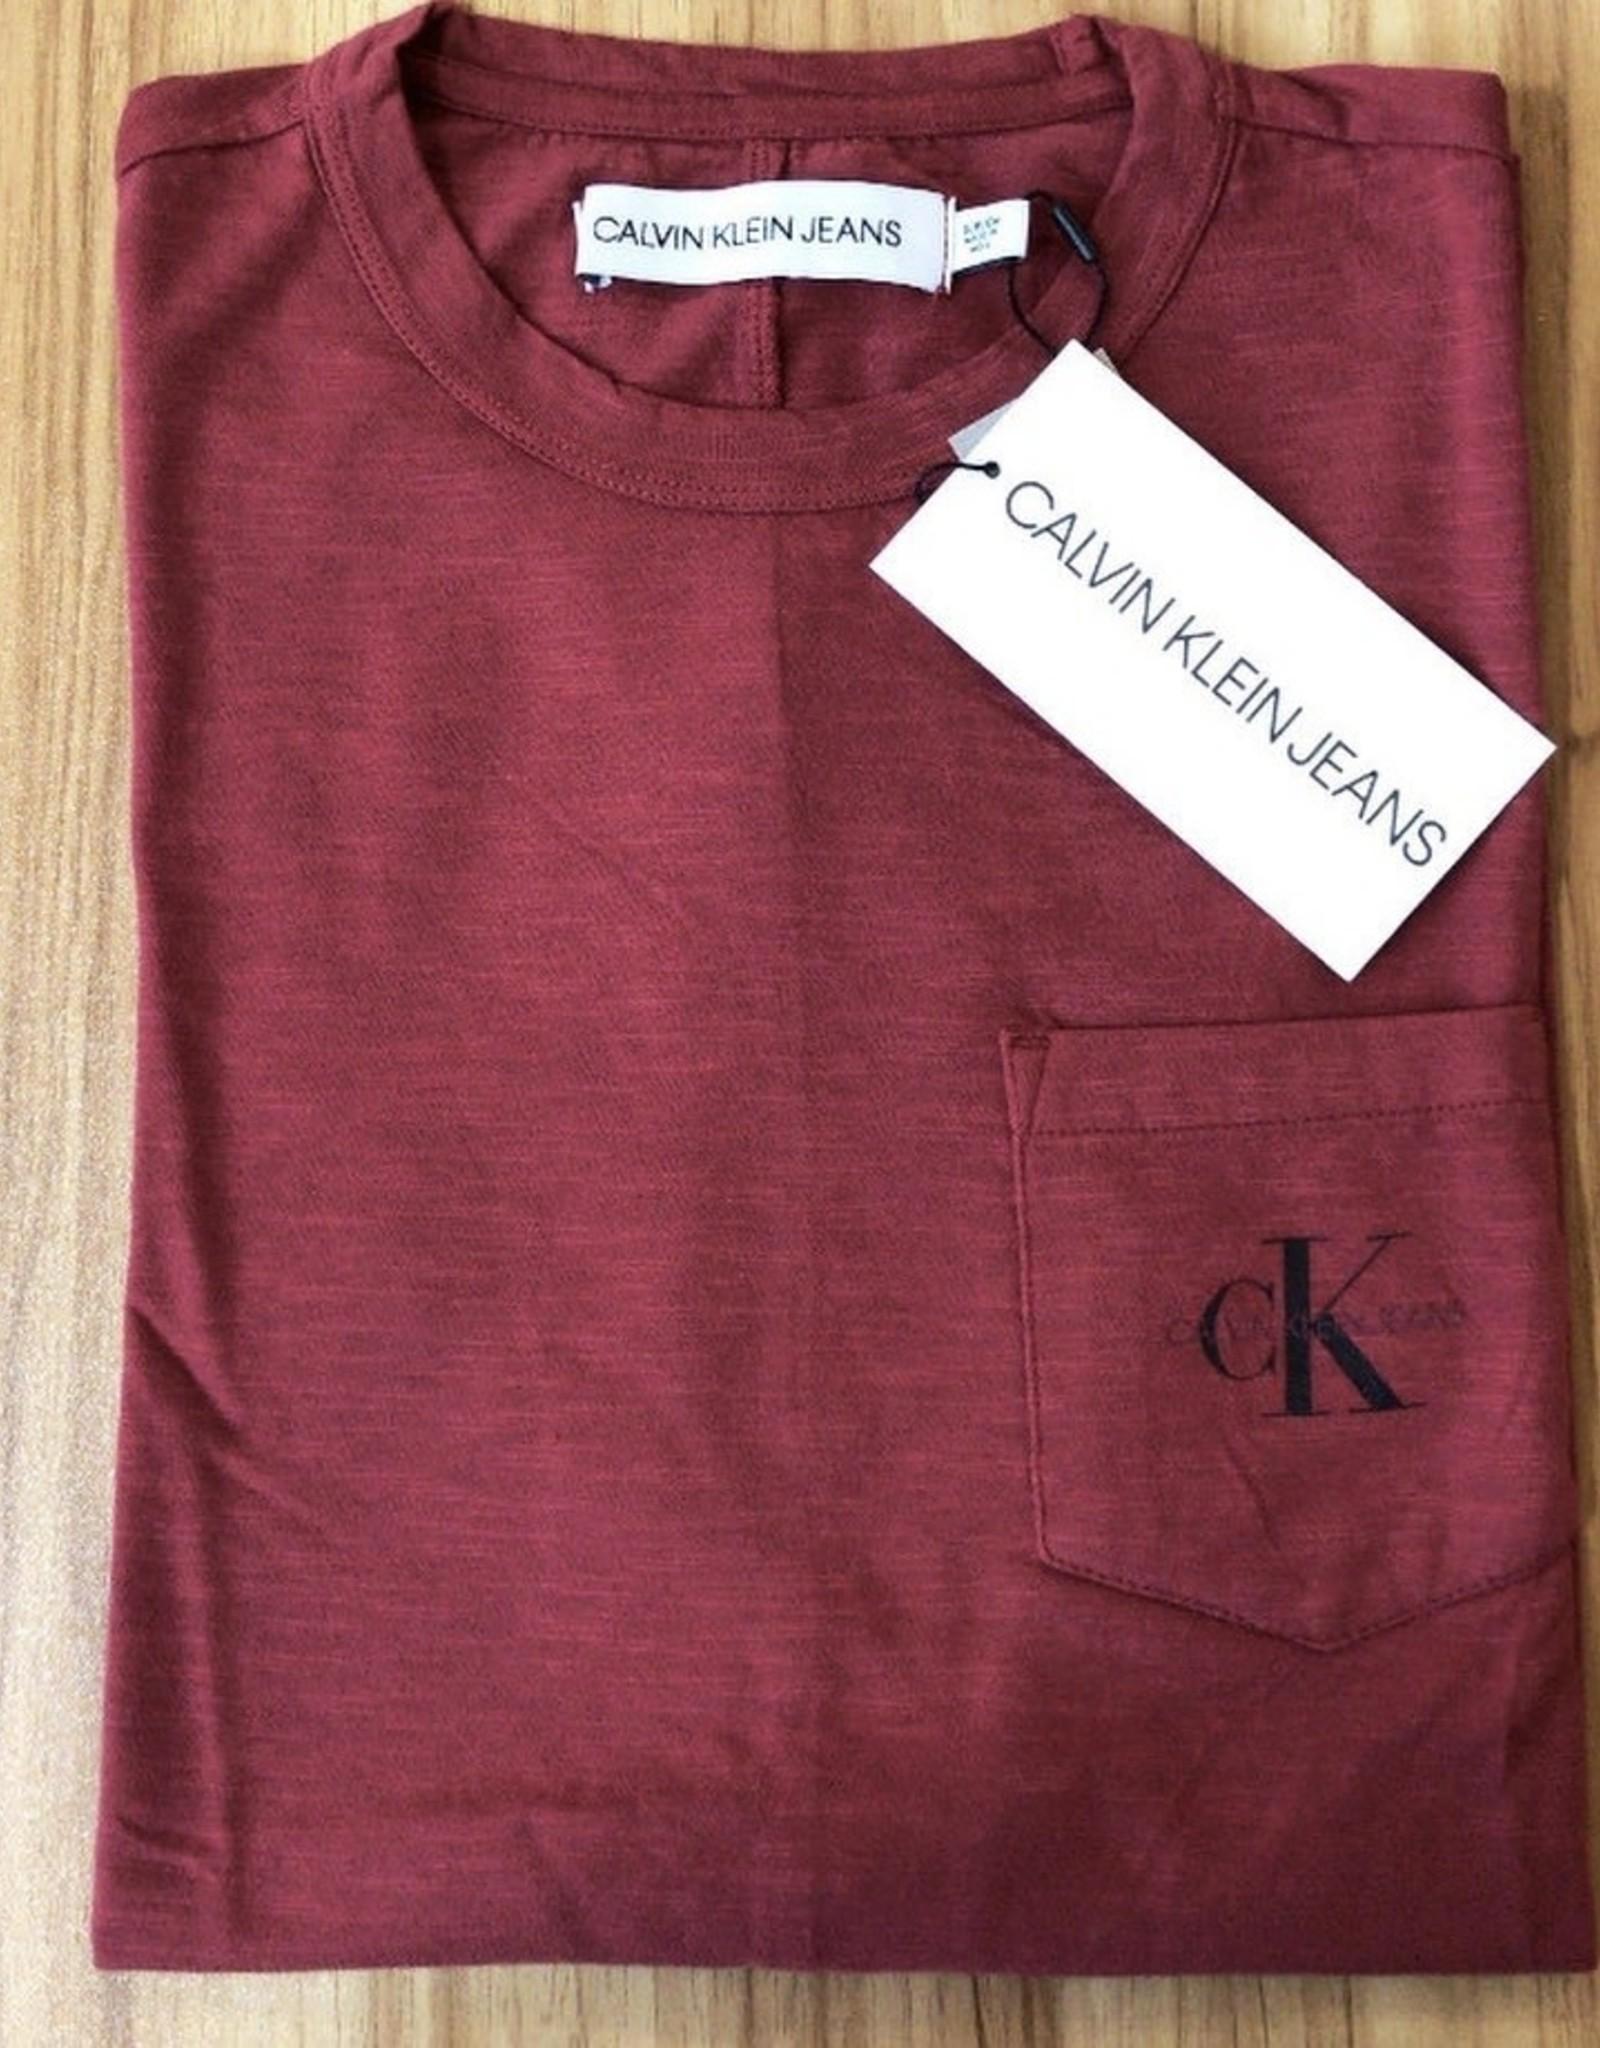 Calvin Klein Calvin Klein Casual Tees with Pocket